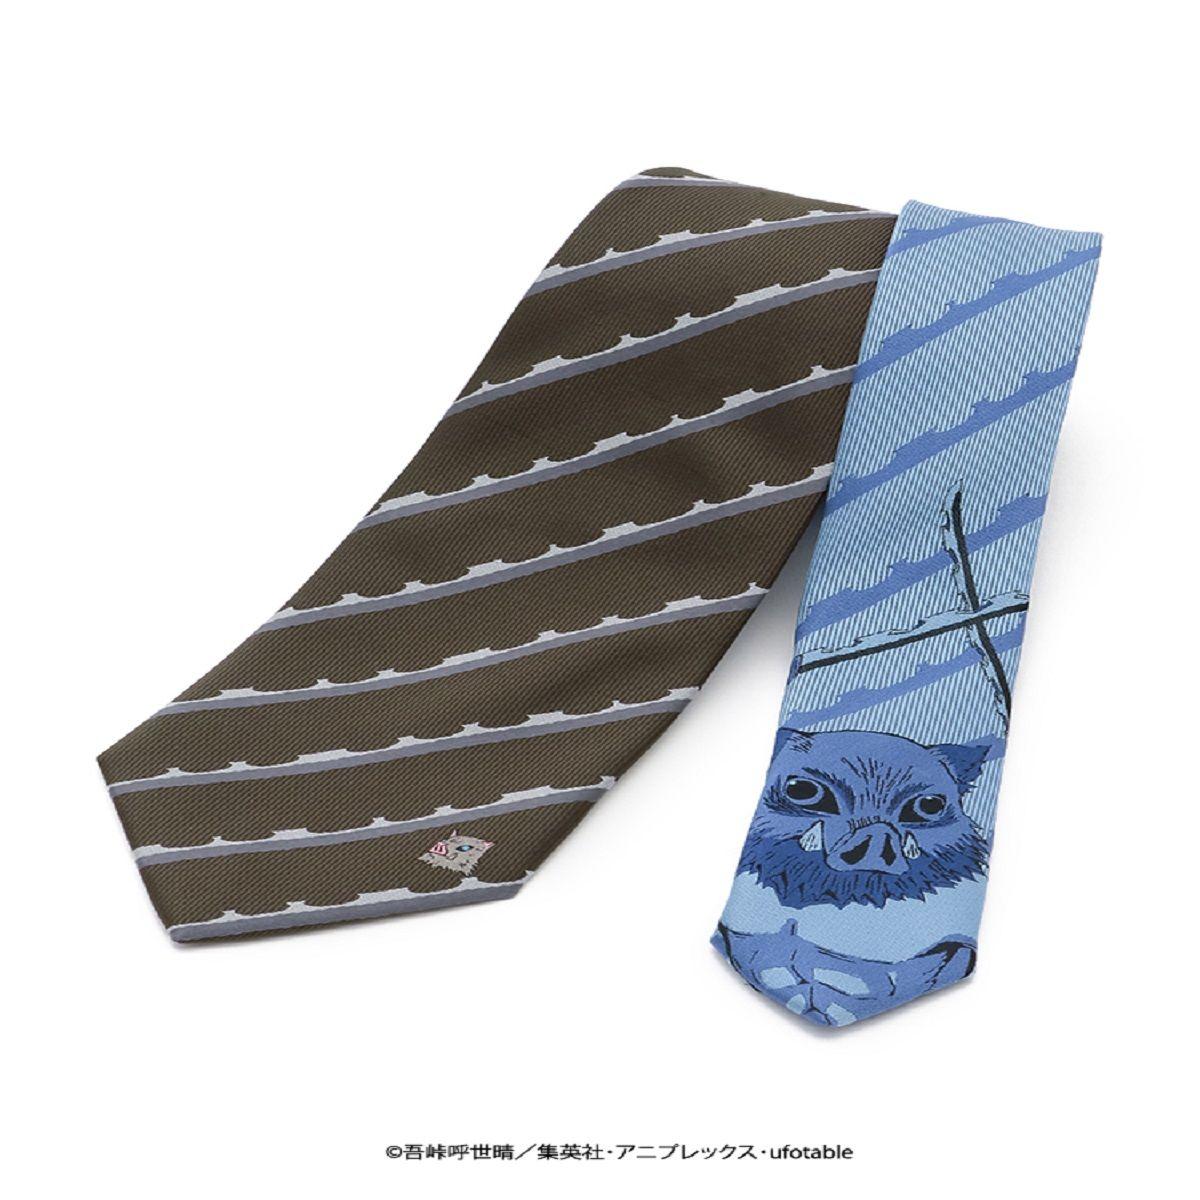 鬼滅の刃『鬼滅の刃 ネクタイ』グッズ-005